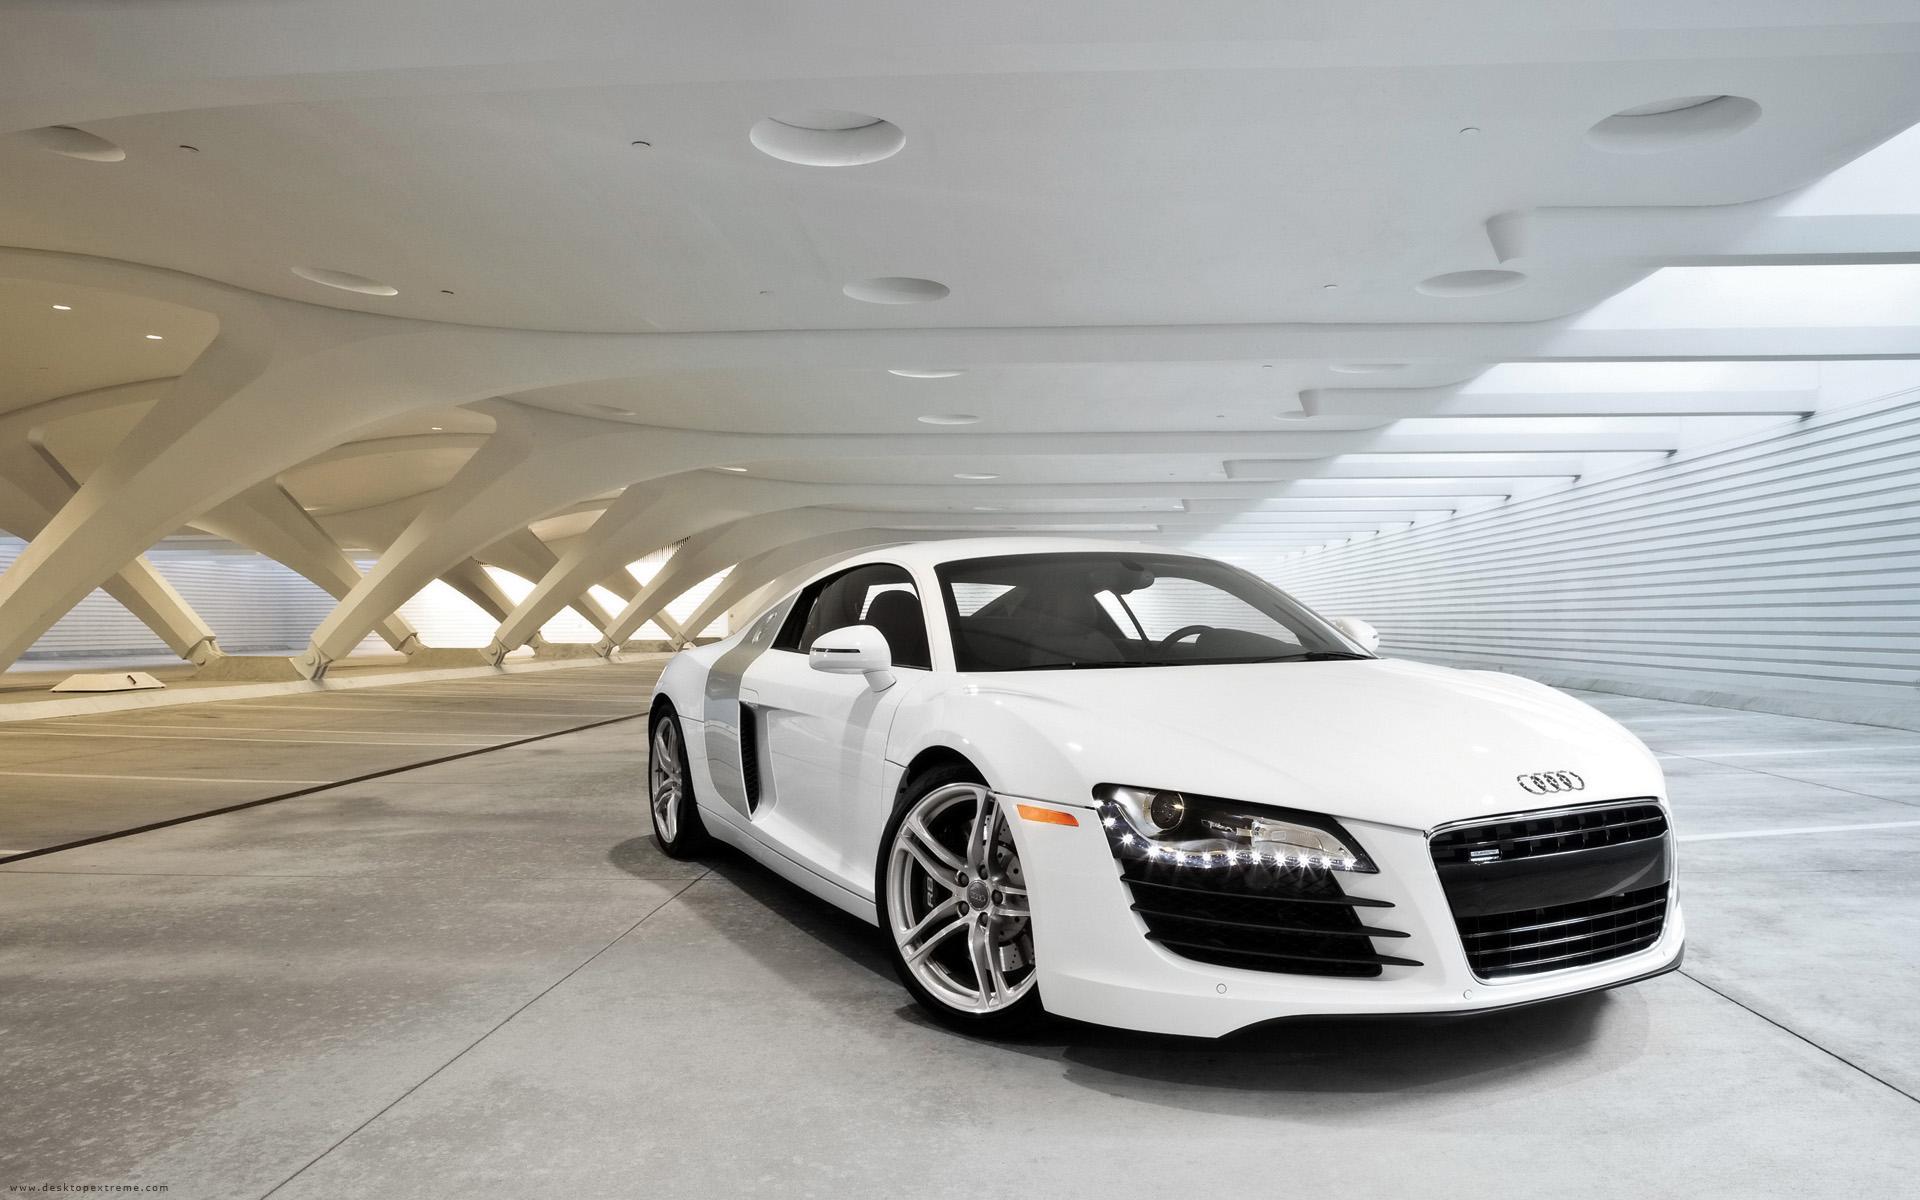 Audi R8 12 Free Car Wallpaper